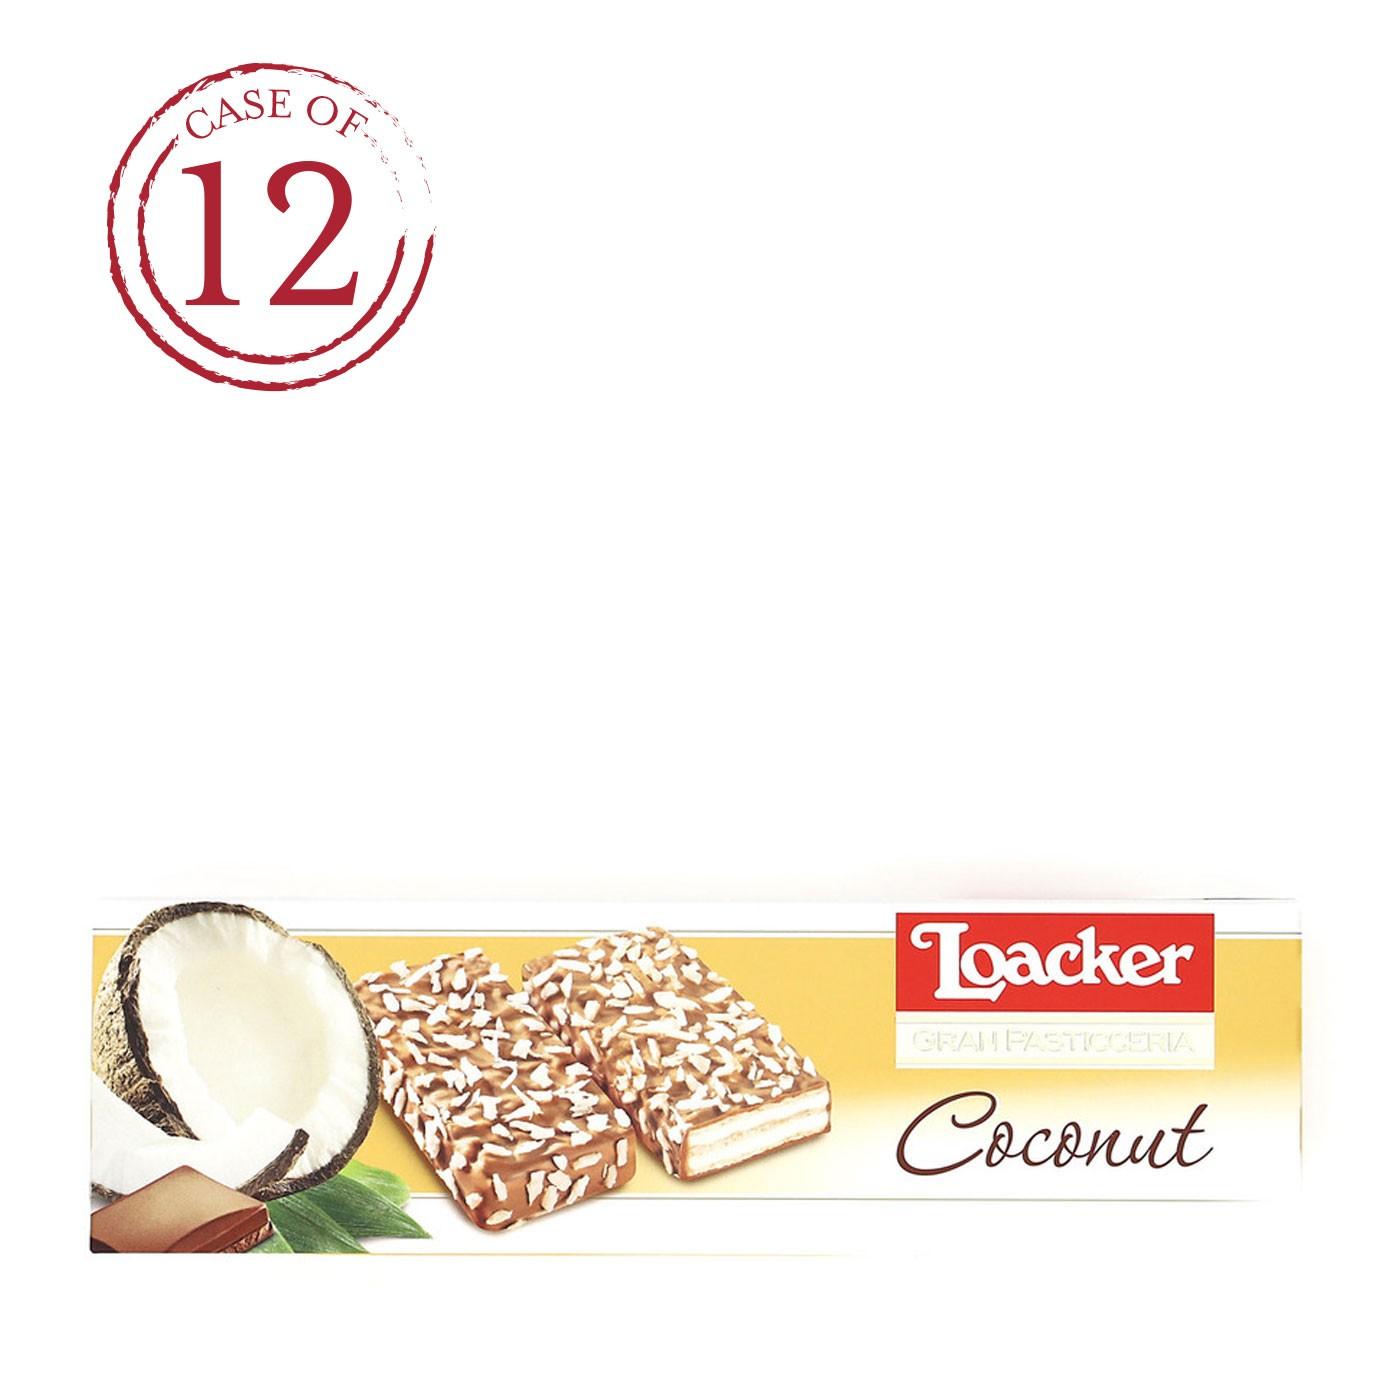 Gran Pasticceria: Coconut 3.5 oz - Case of 12